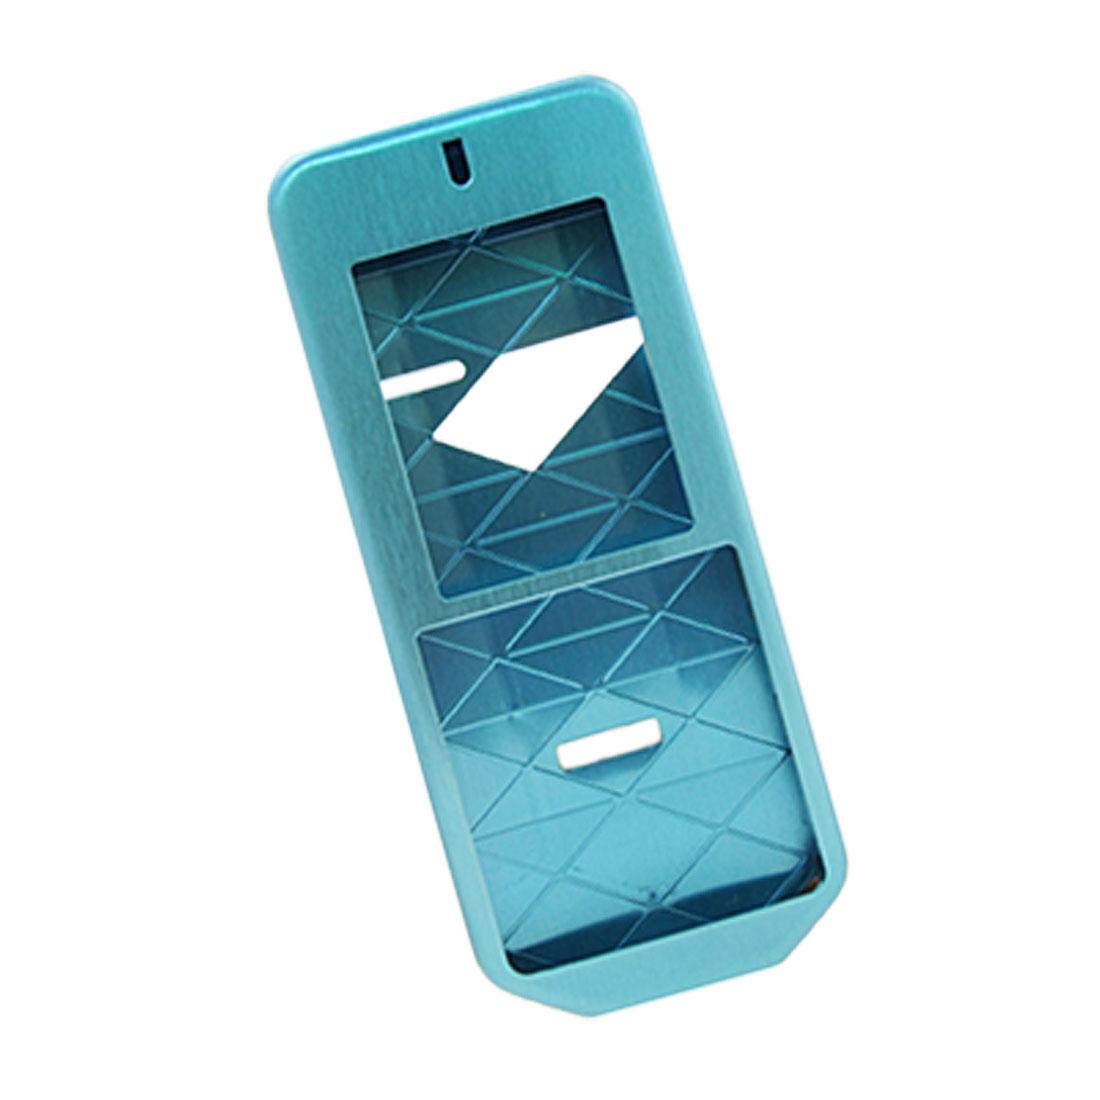 Brand New Luxury Blue Aluminium Metal Case Cover for Nokia 7500